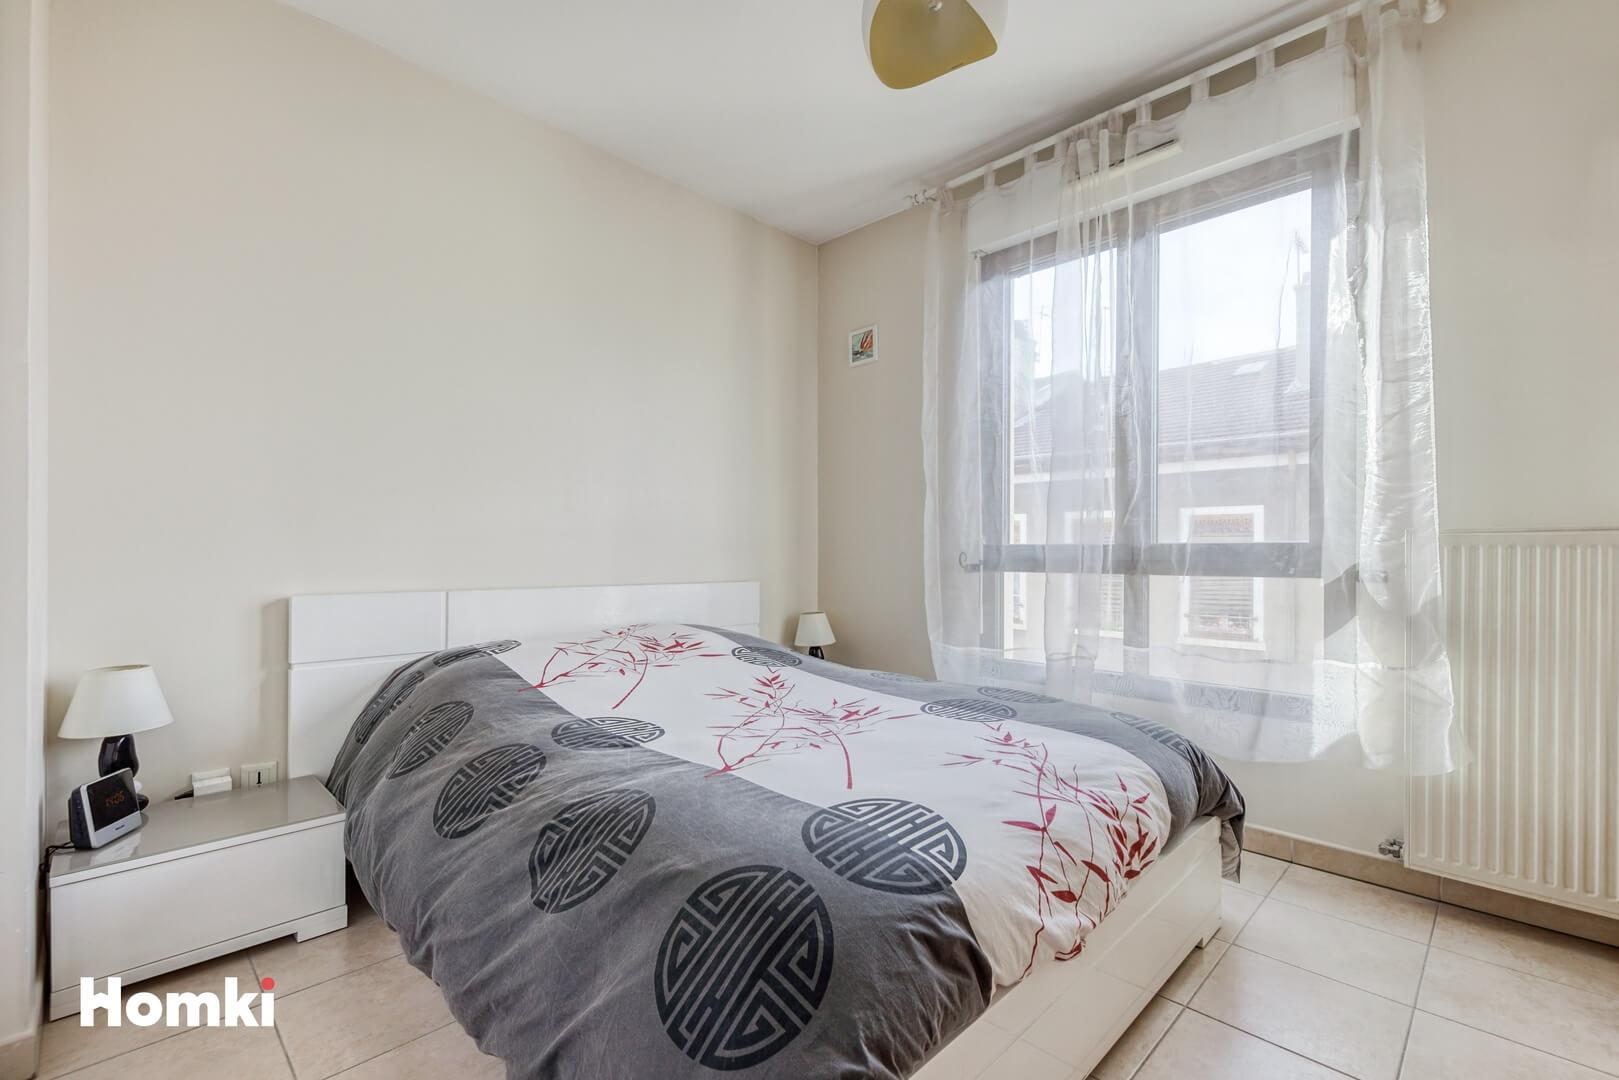 Homki - Vente Appartement  de 69.0 m² à Villeurbanne 69100